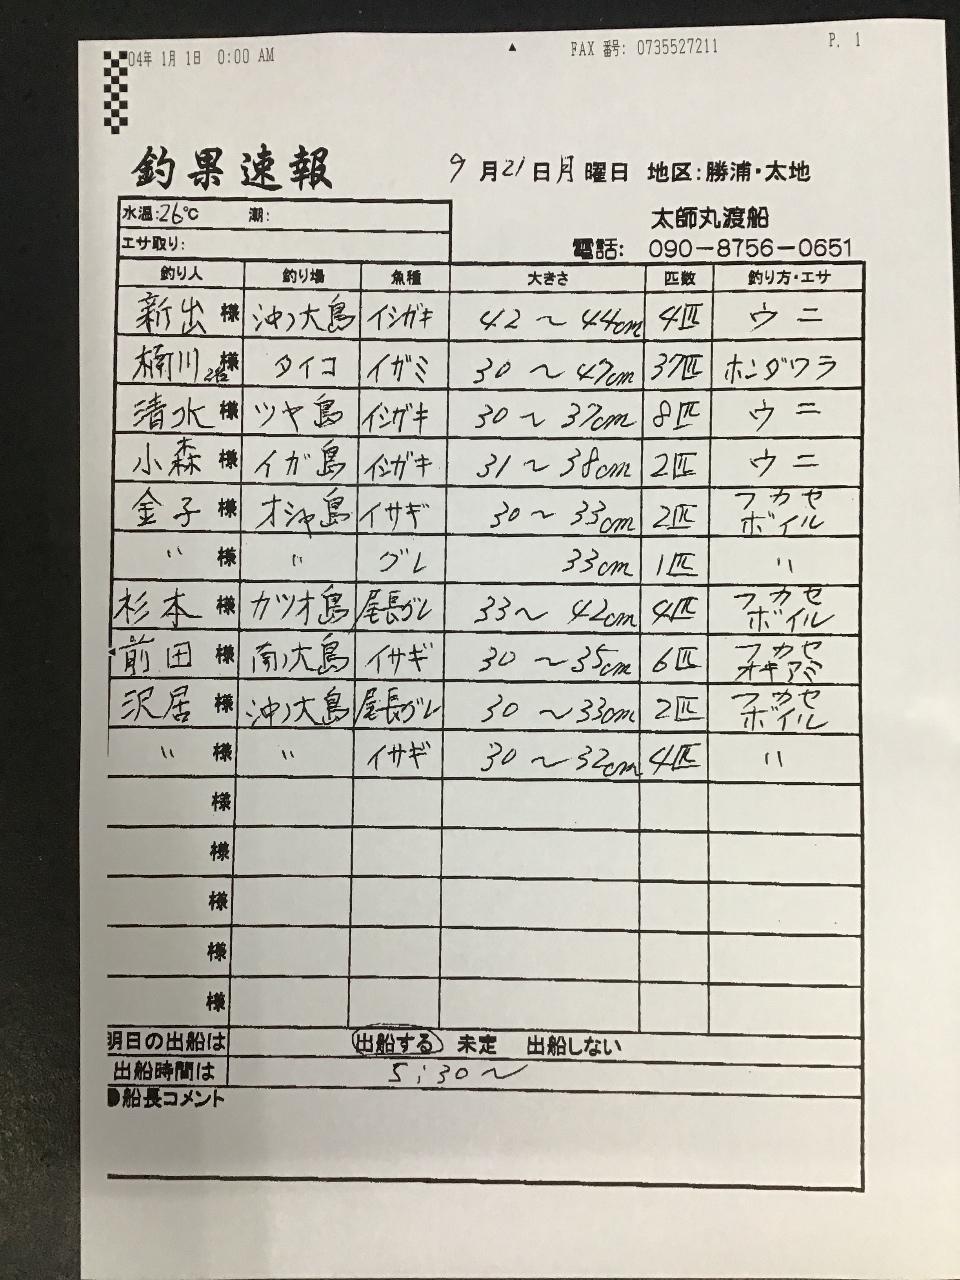 9/21 太地 太師丸渡船さんの釣果 | 南紀和歌山 渡船・ダービーの最新 ...